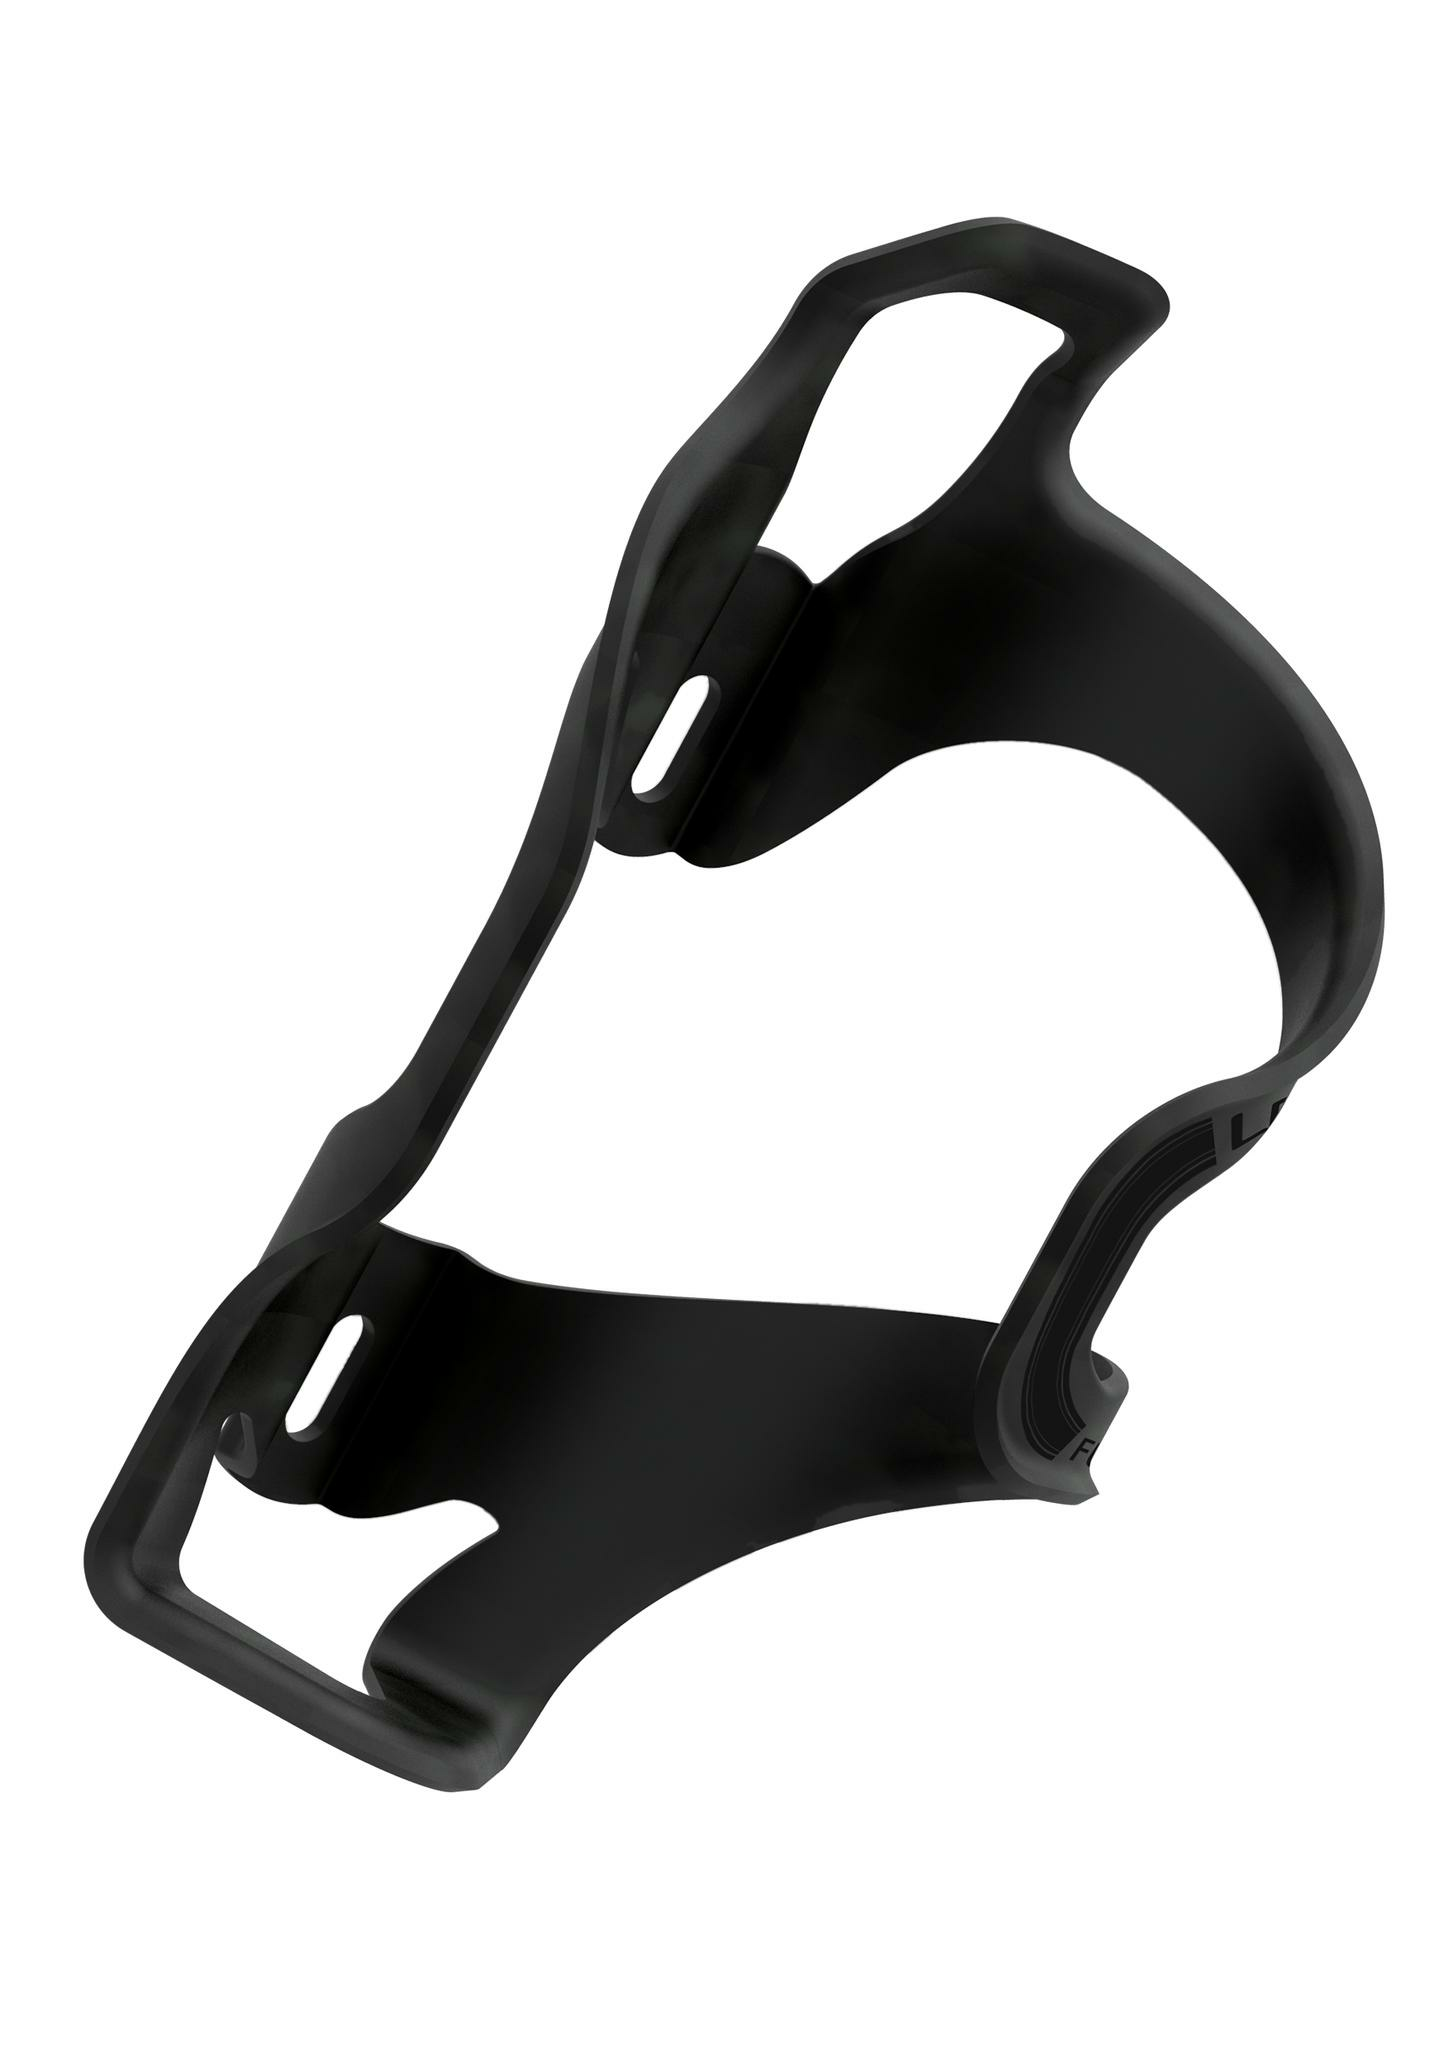 Lezyne Flaschenhalter Carbon Cage SL-L UD Carbon